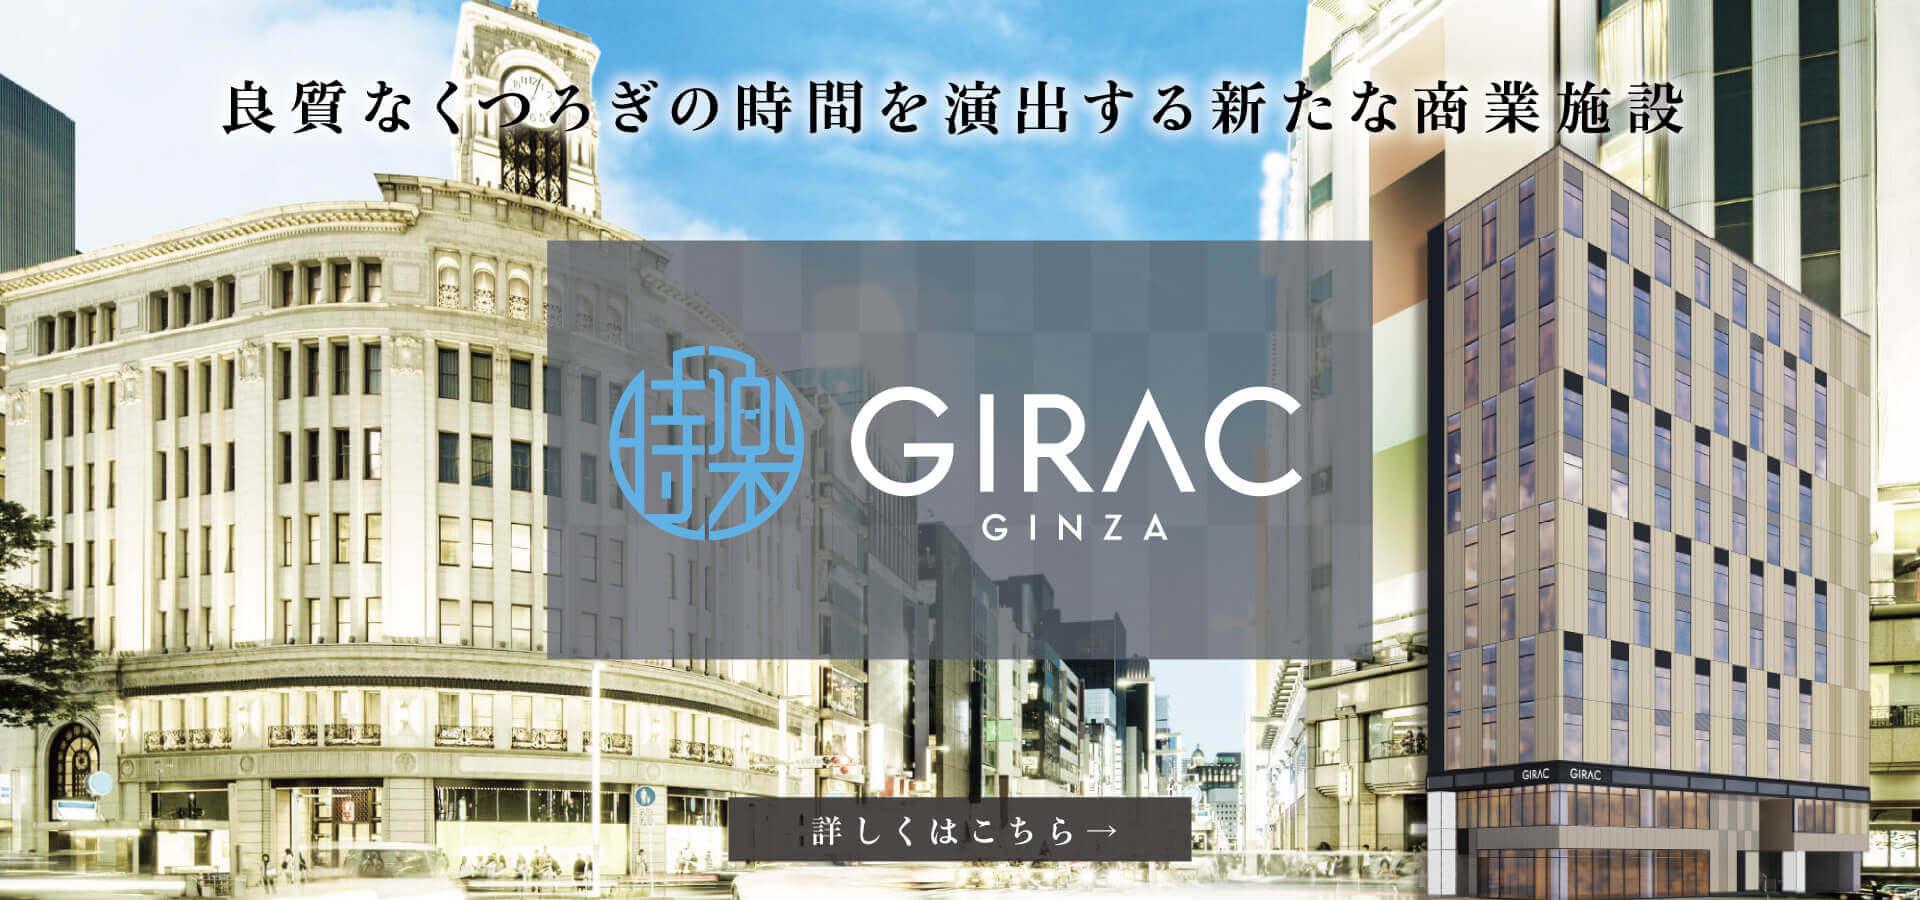 良質なくつろぎの時間を演出する新たな商業施設 GIRAC GINZA